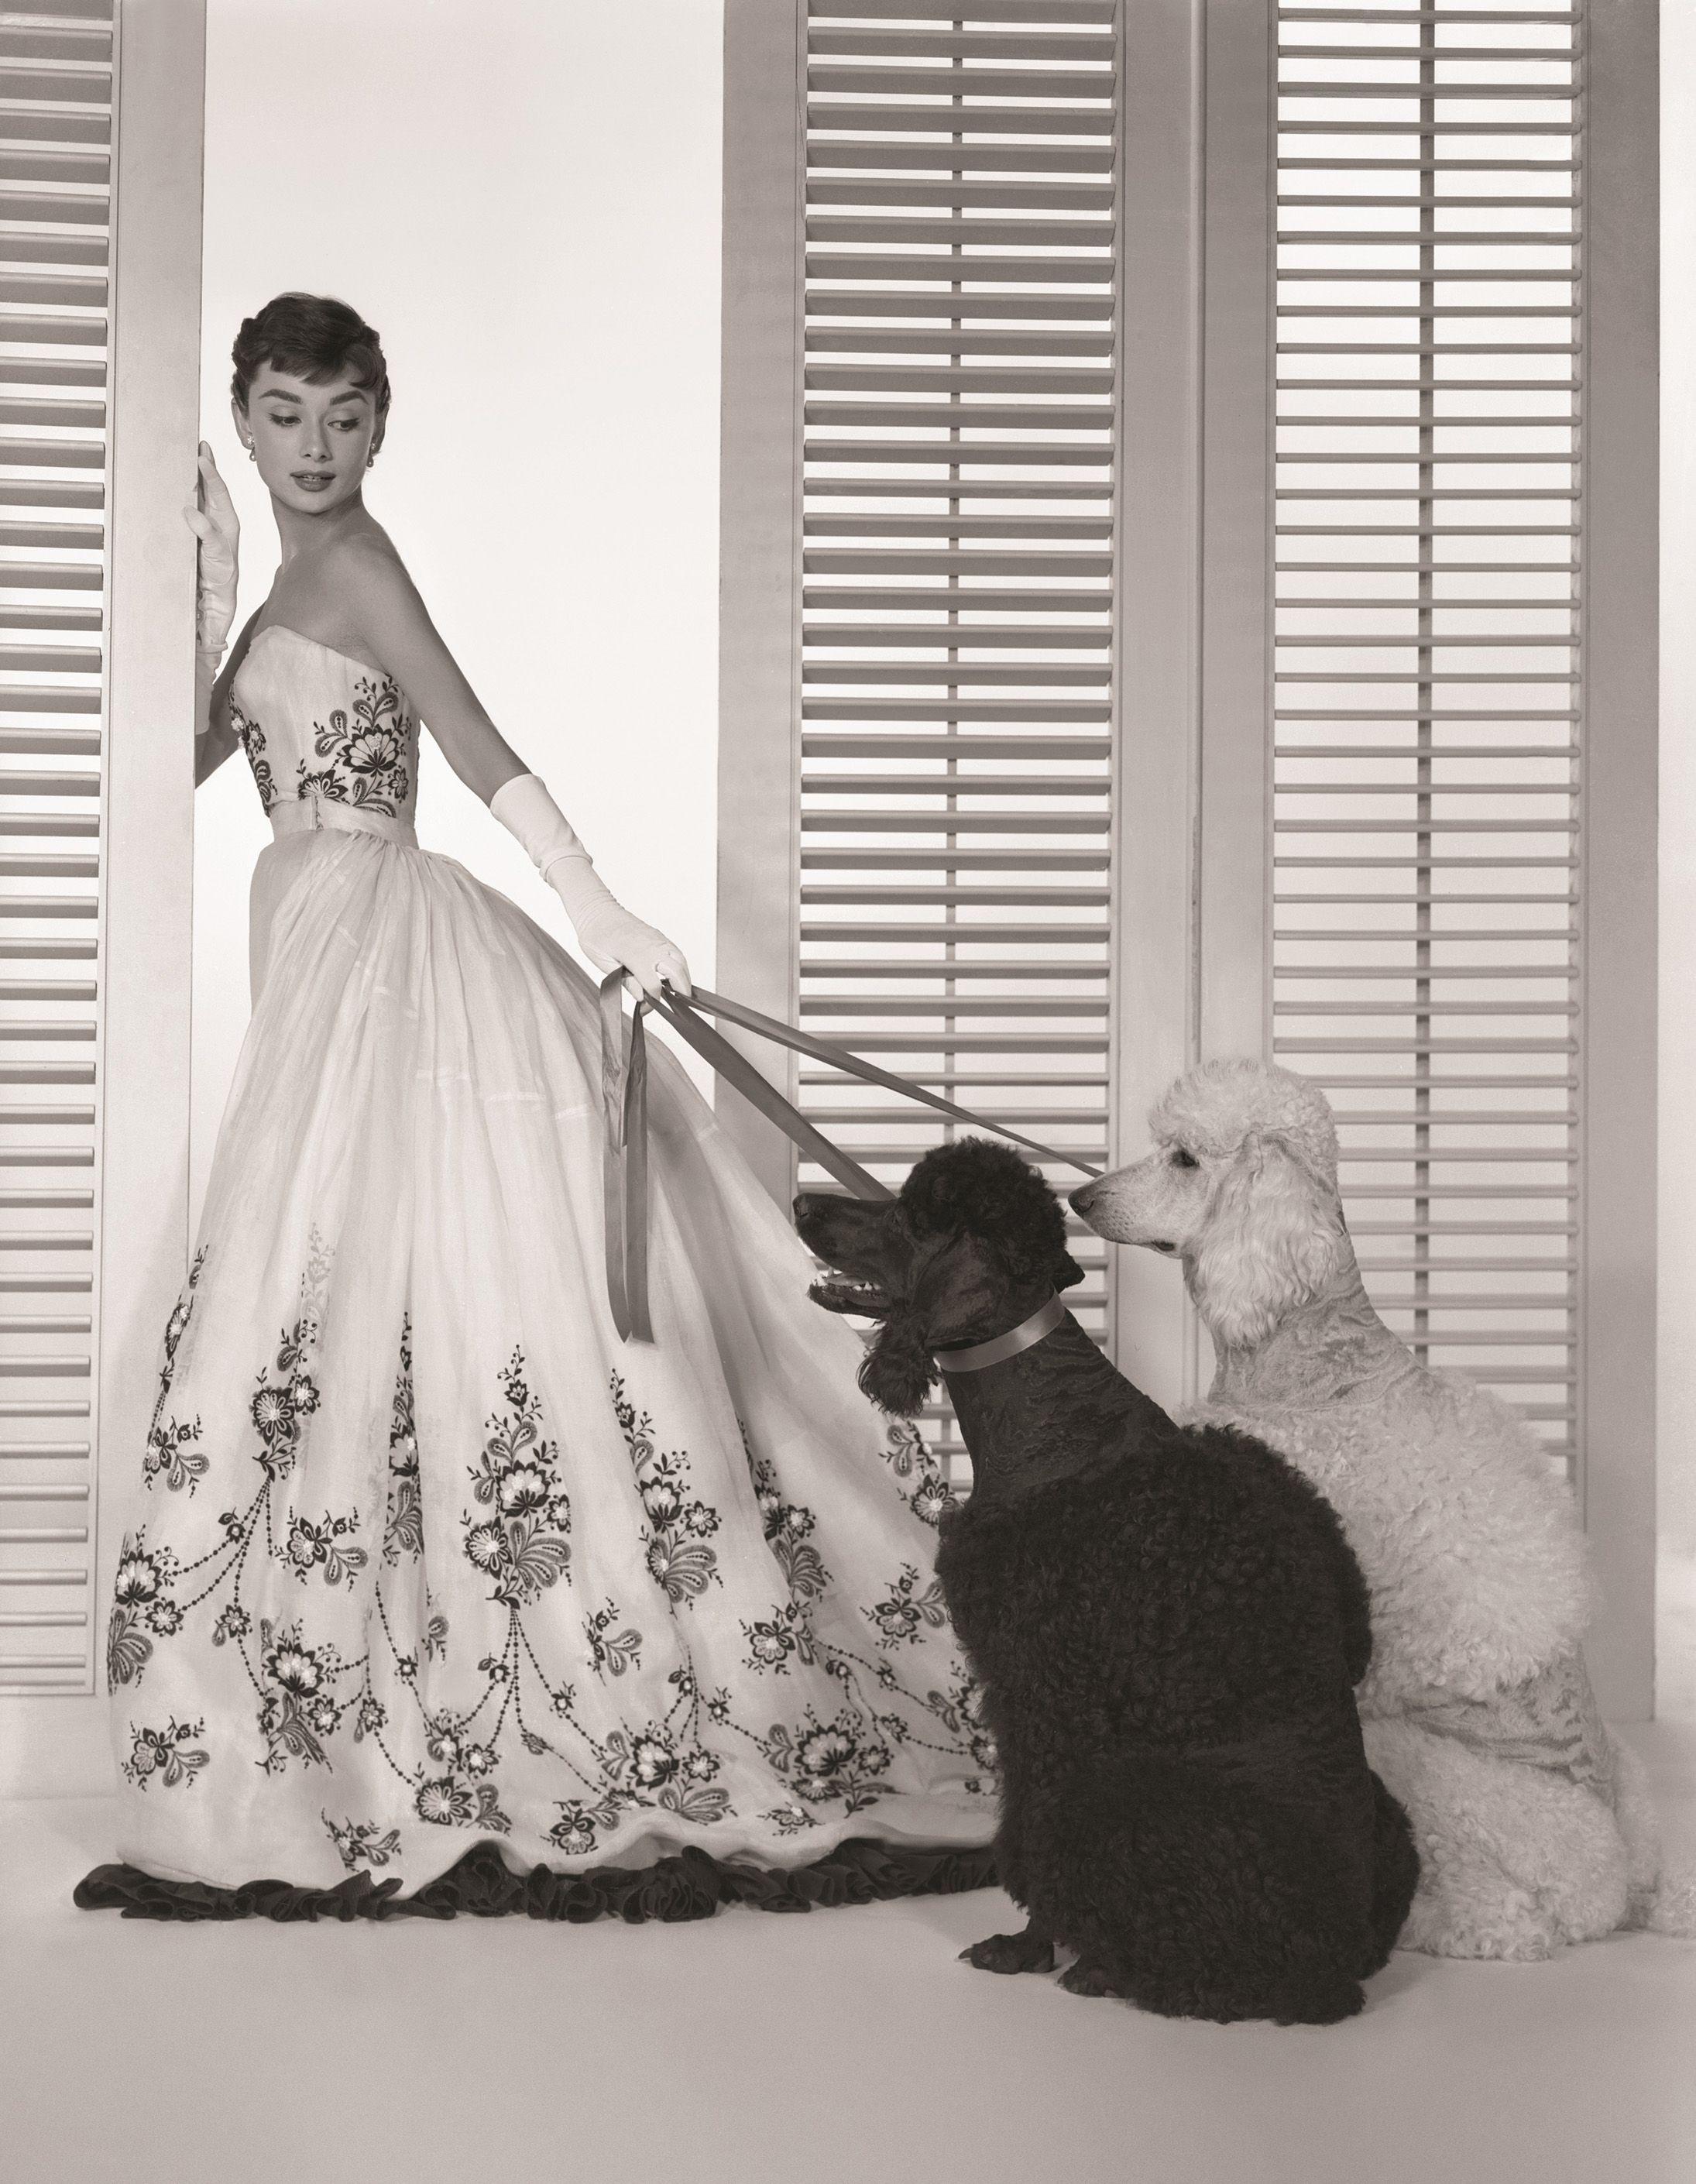 hbz-audrey-hepburn-50s-sabrina-1954-courtesy-independent-visions-mptv-images.jpg